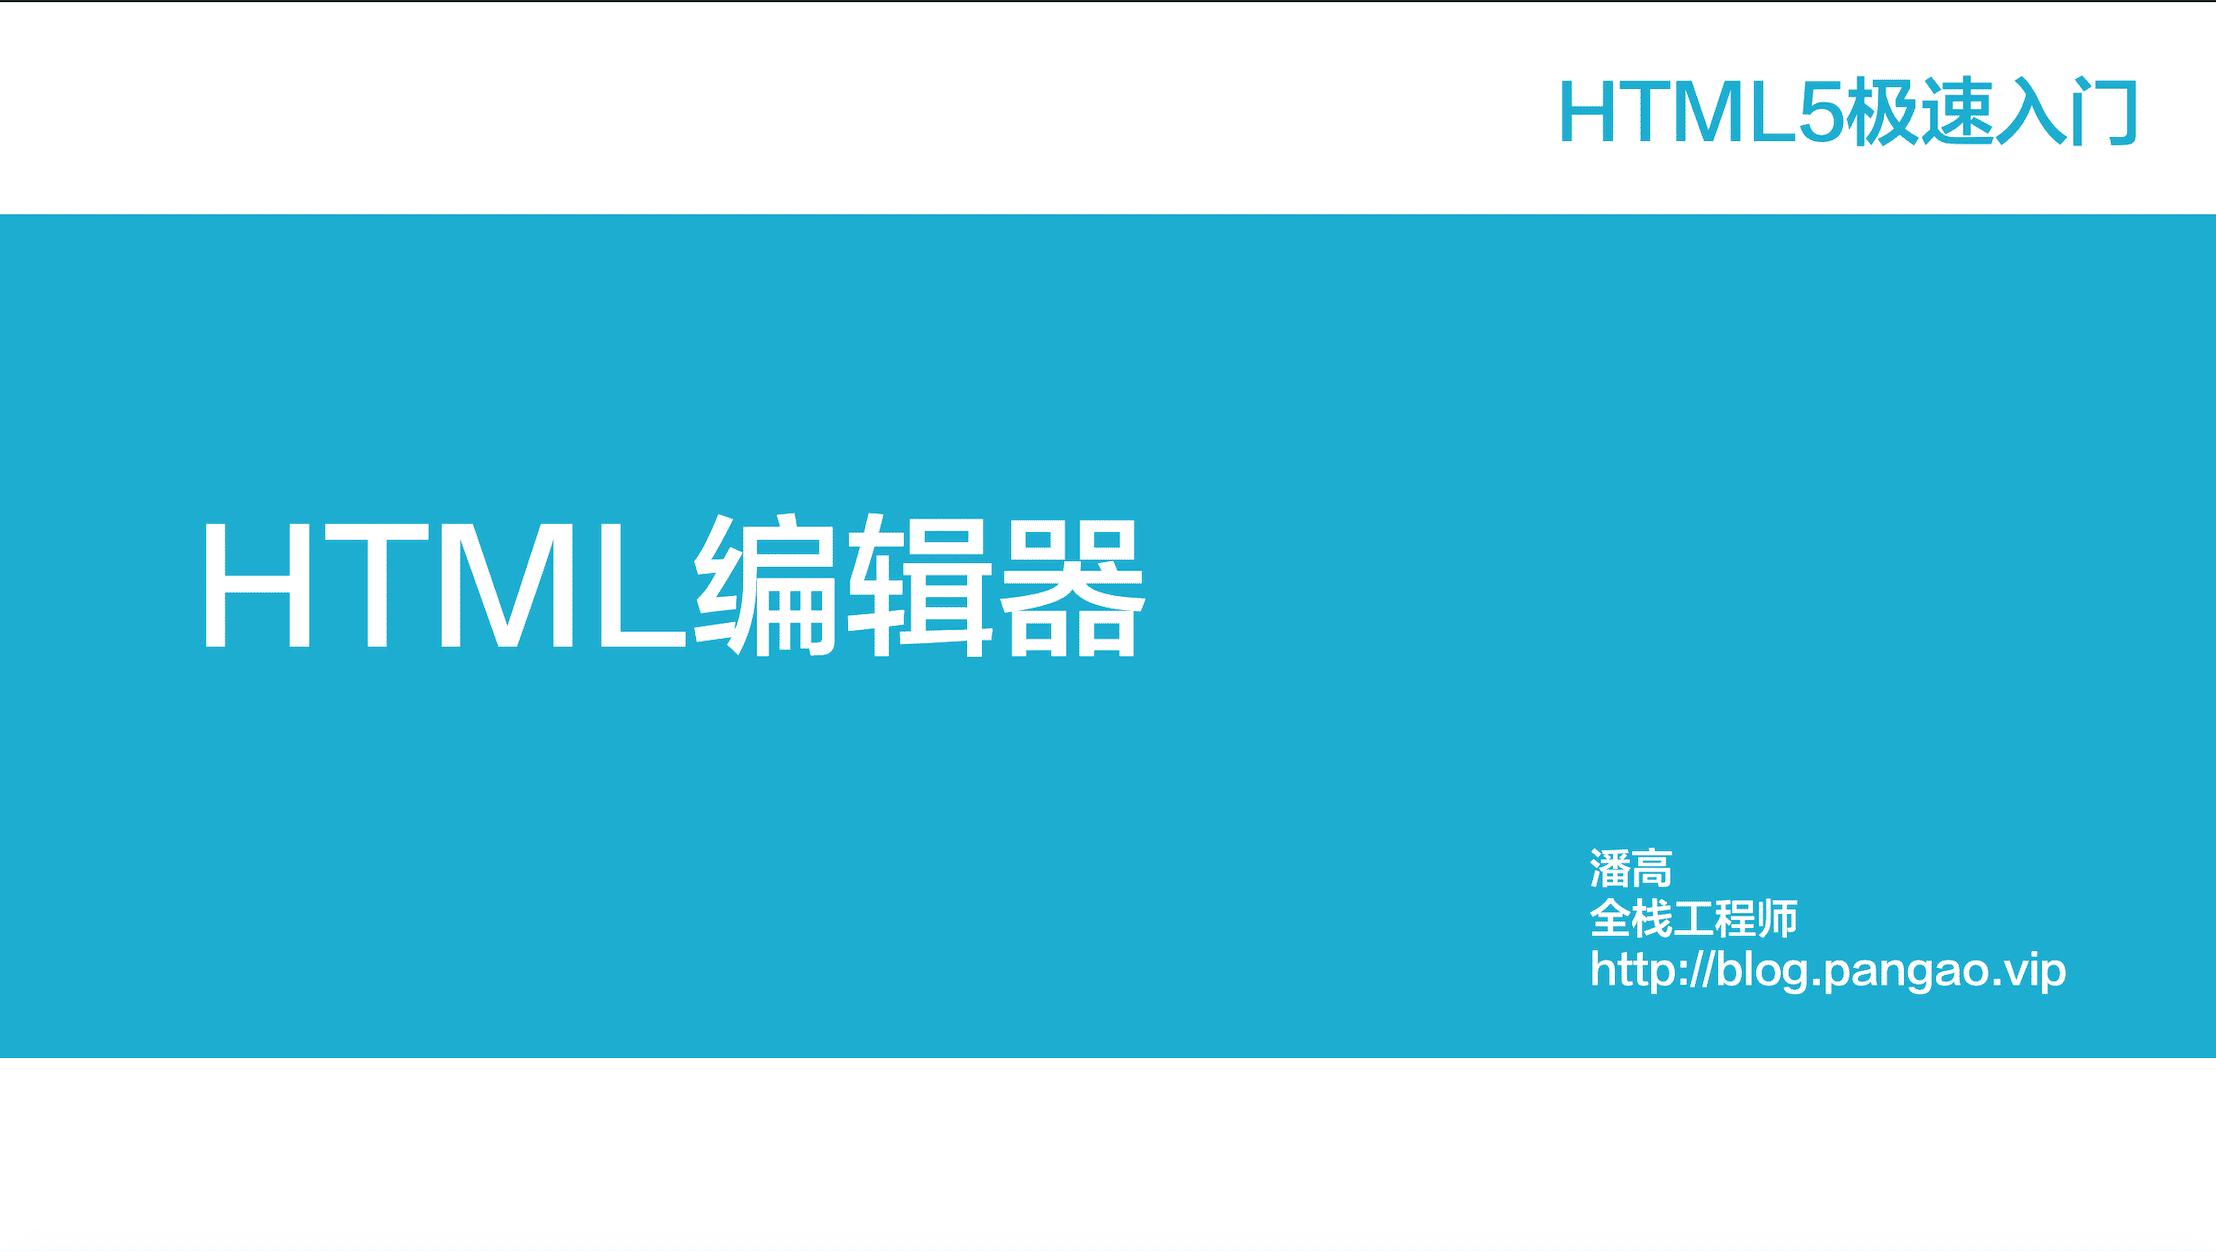 HTML编辑器-HTML5极速入门